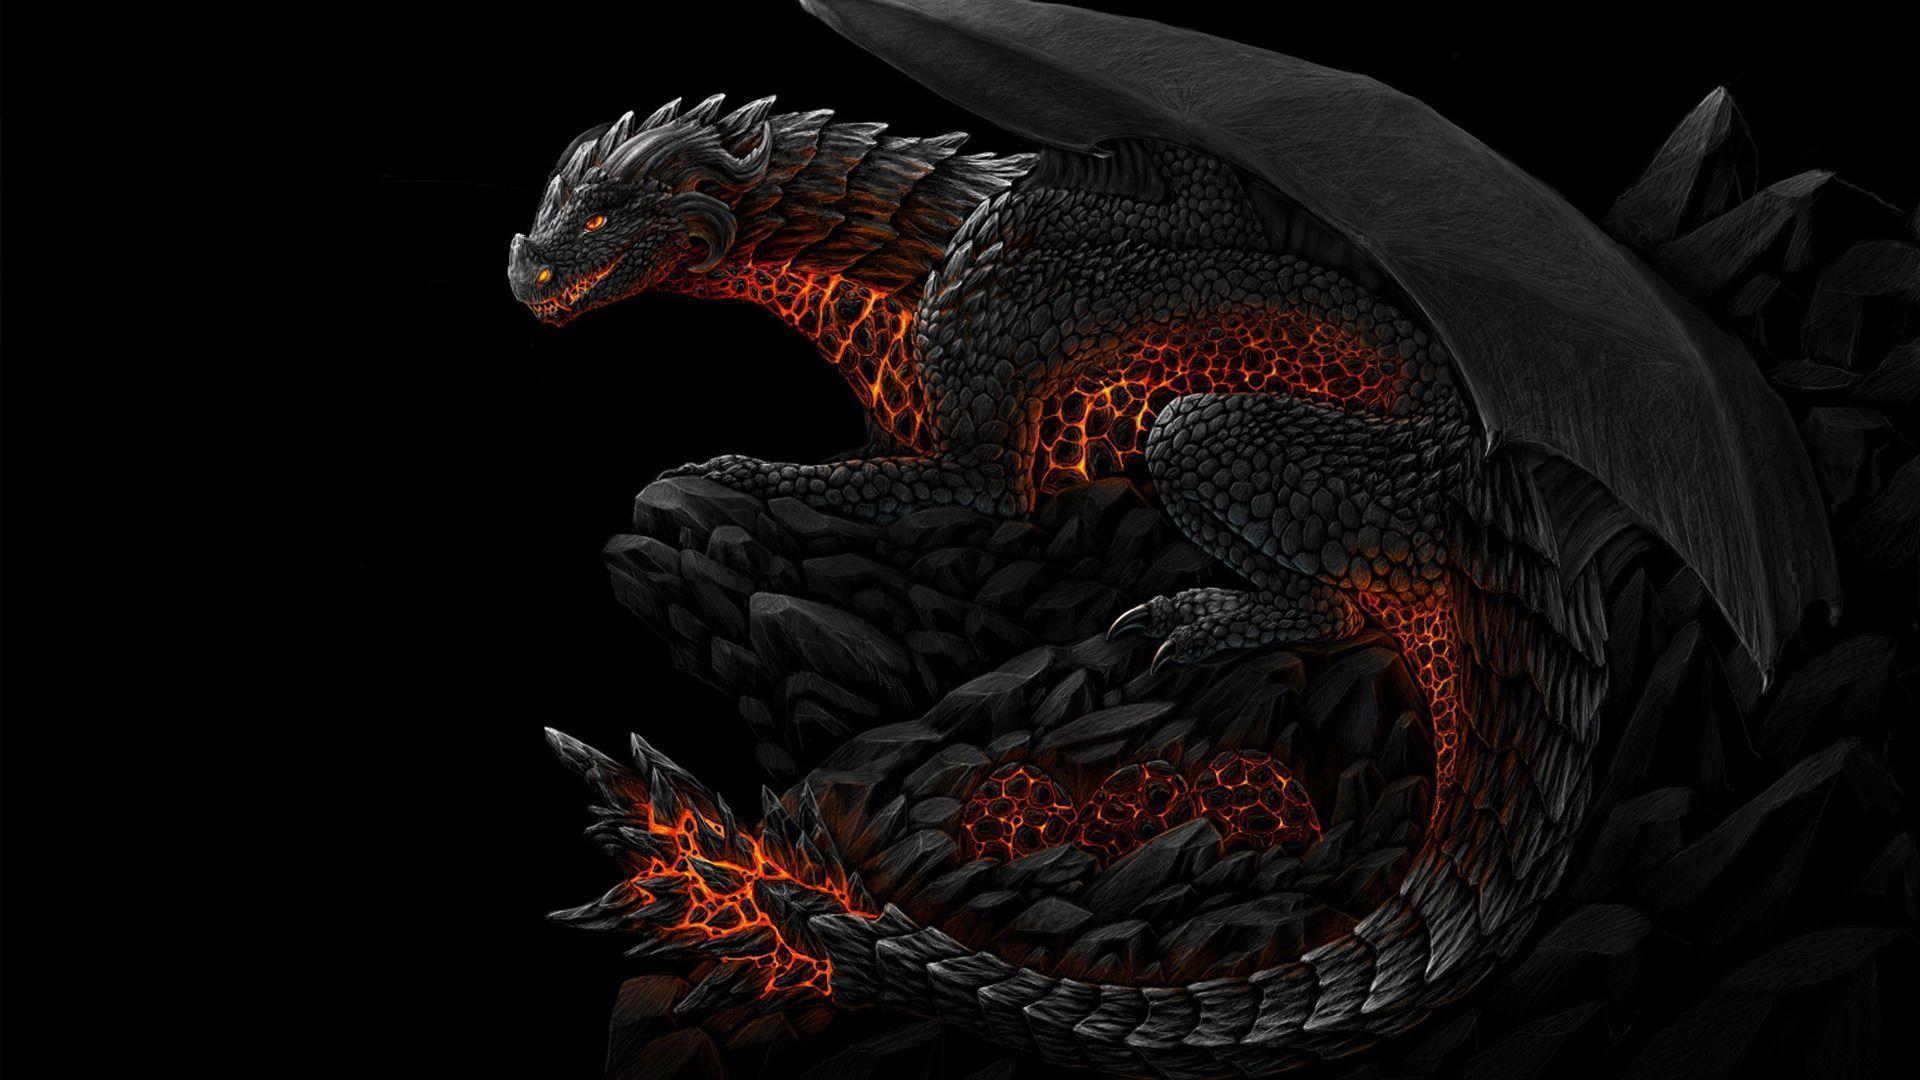 dragon tattoo hd wallpaper - photo #26